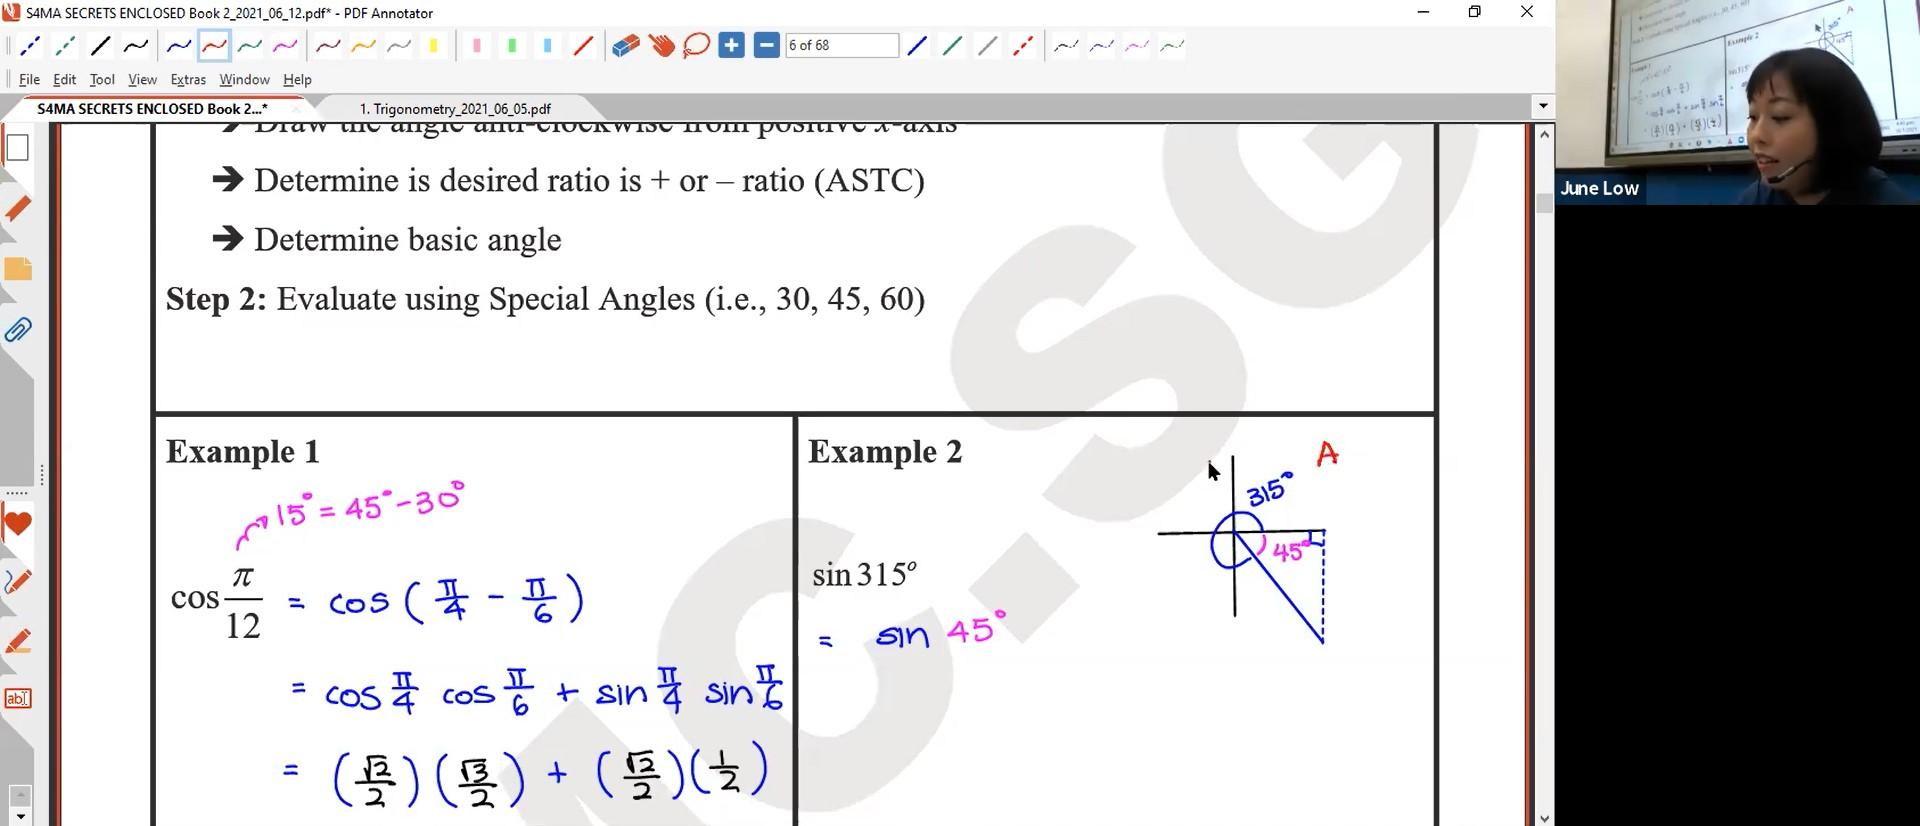 [TRIGO] Special Angles